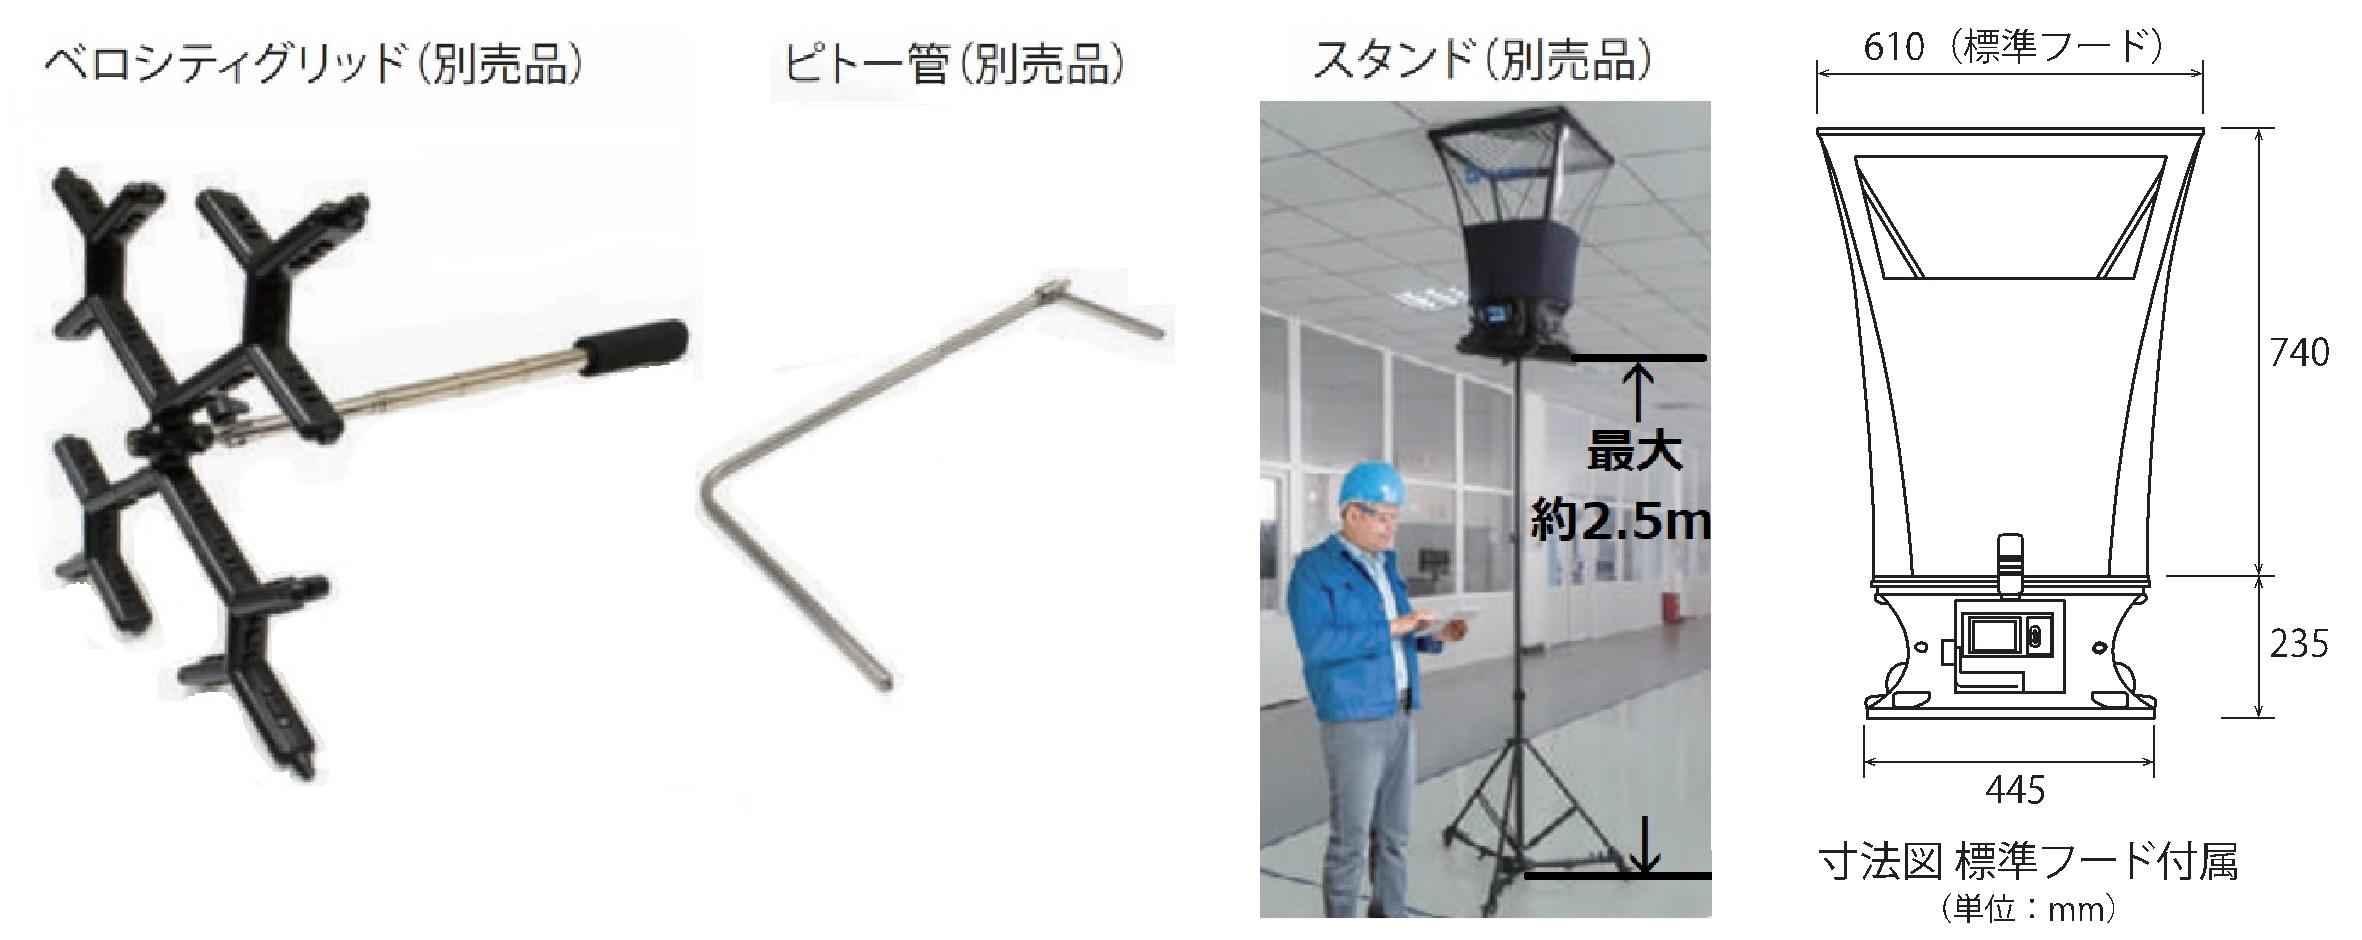 日本カノマックス株式会社  キャプチャーフード風量計 ピトー管等画像